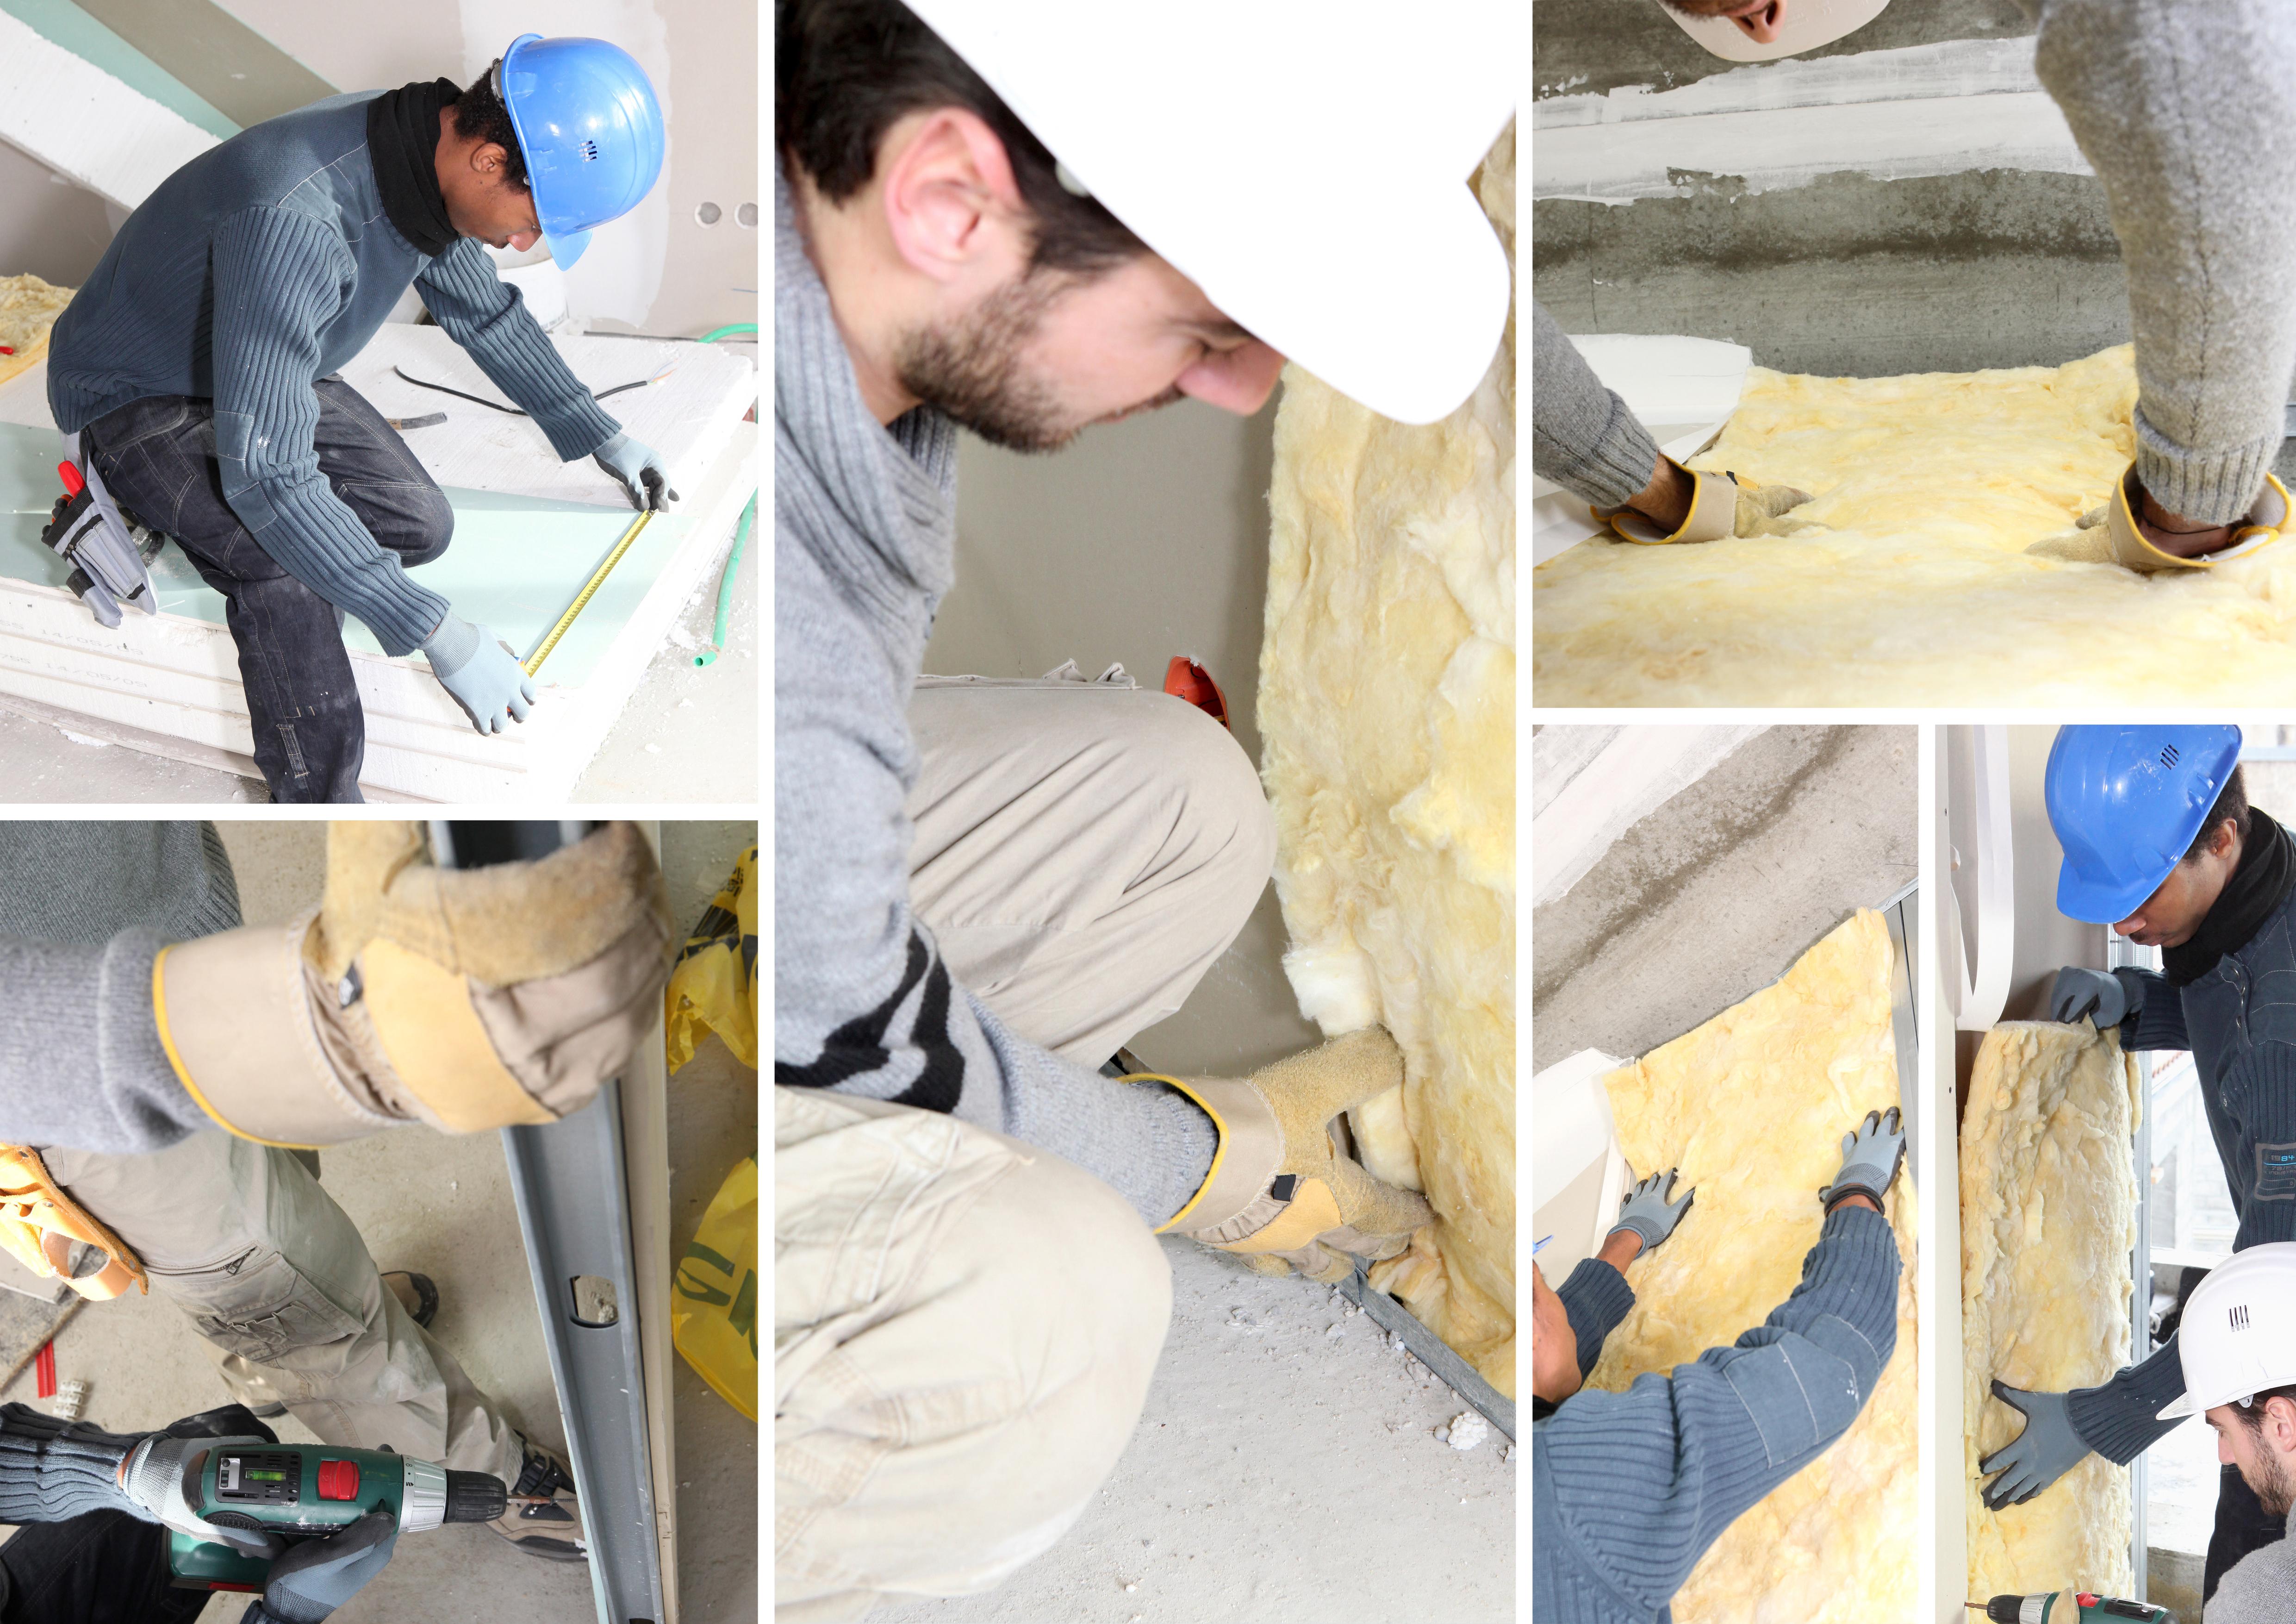 Effectuez des travaux de rénovation moins chers avec le bon matériel 1